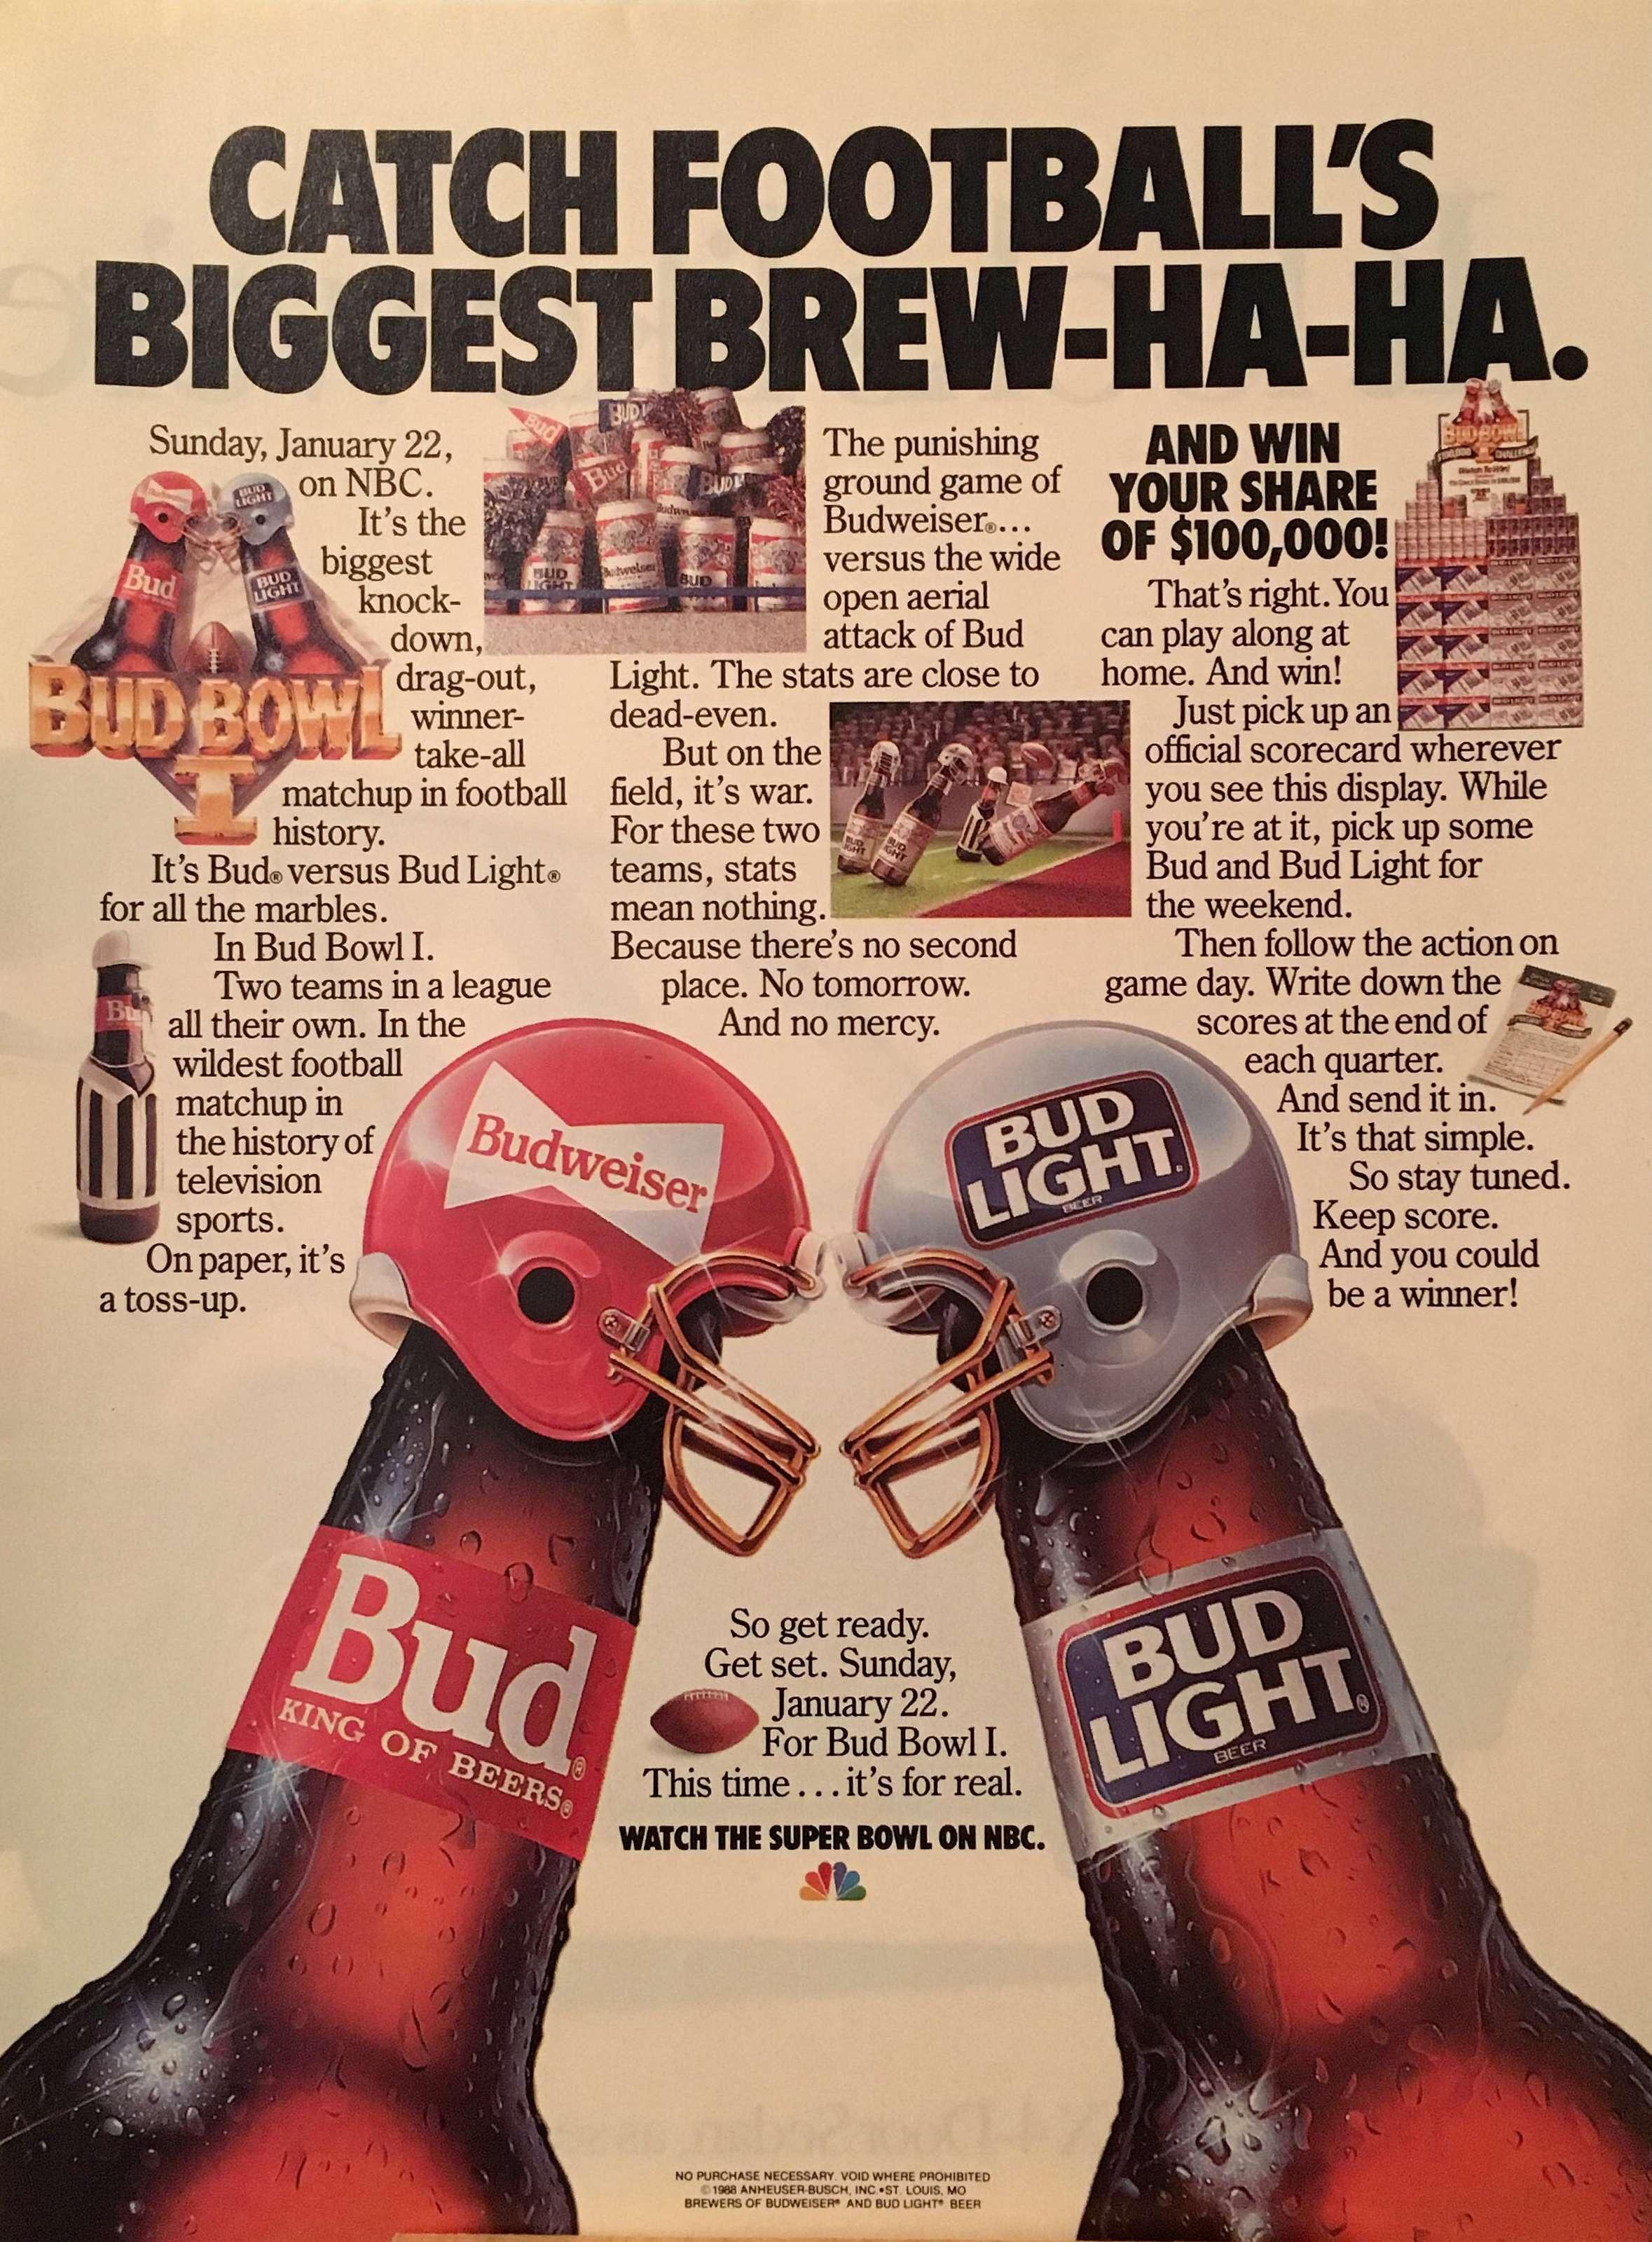 Bud/Bud Light #vintageads #Ads #vintage #PrintAd #tvads #advertising